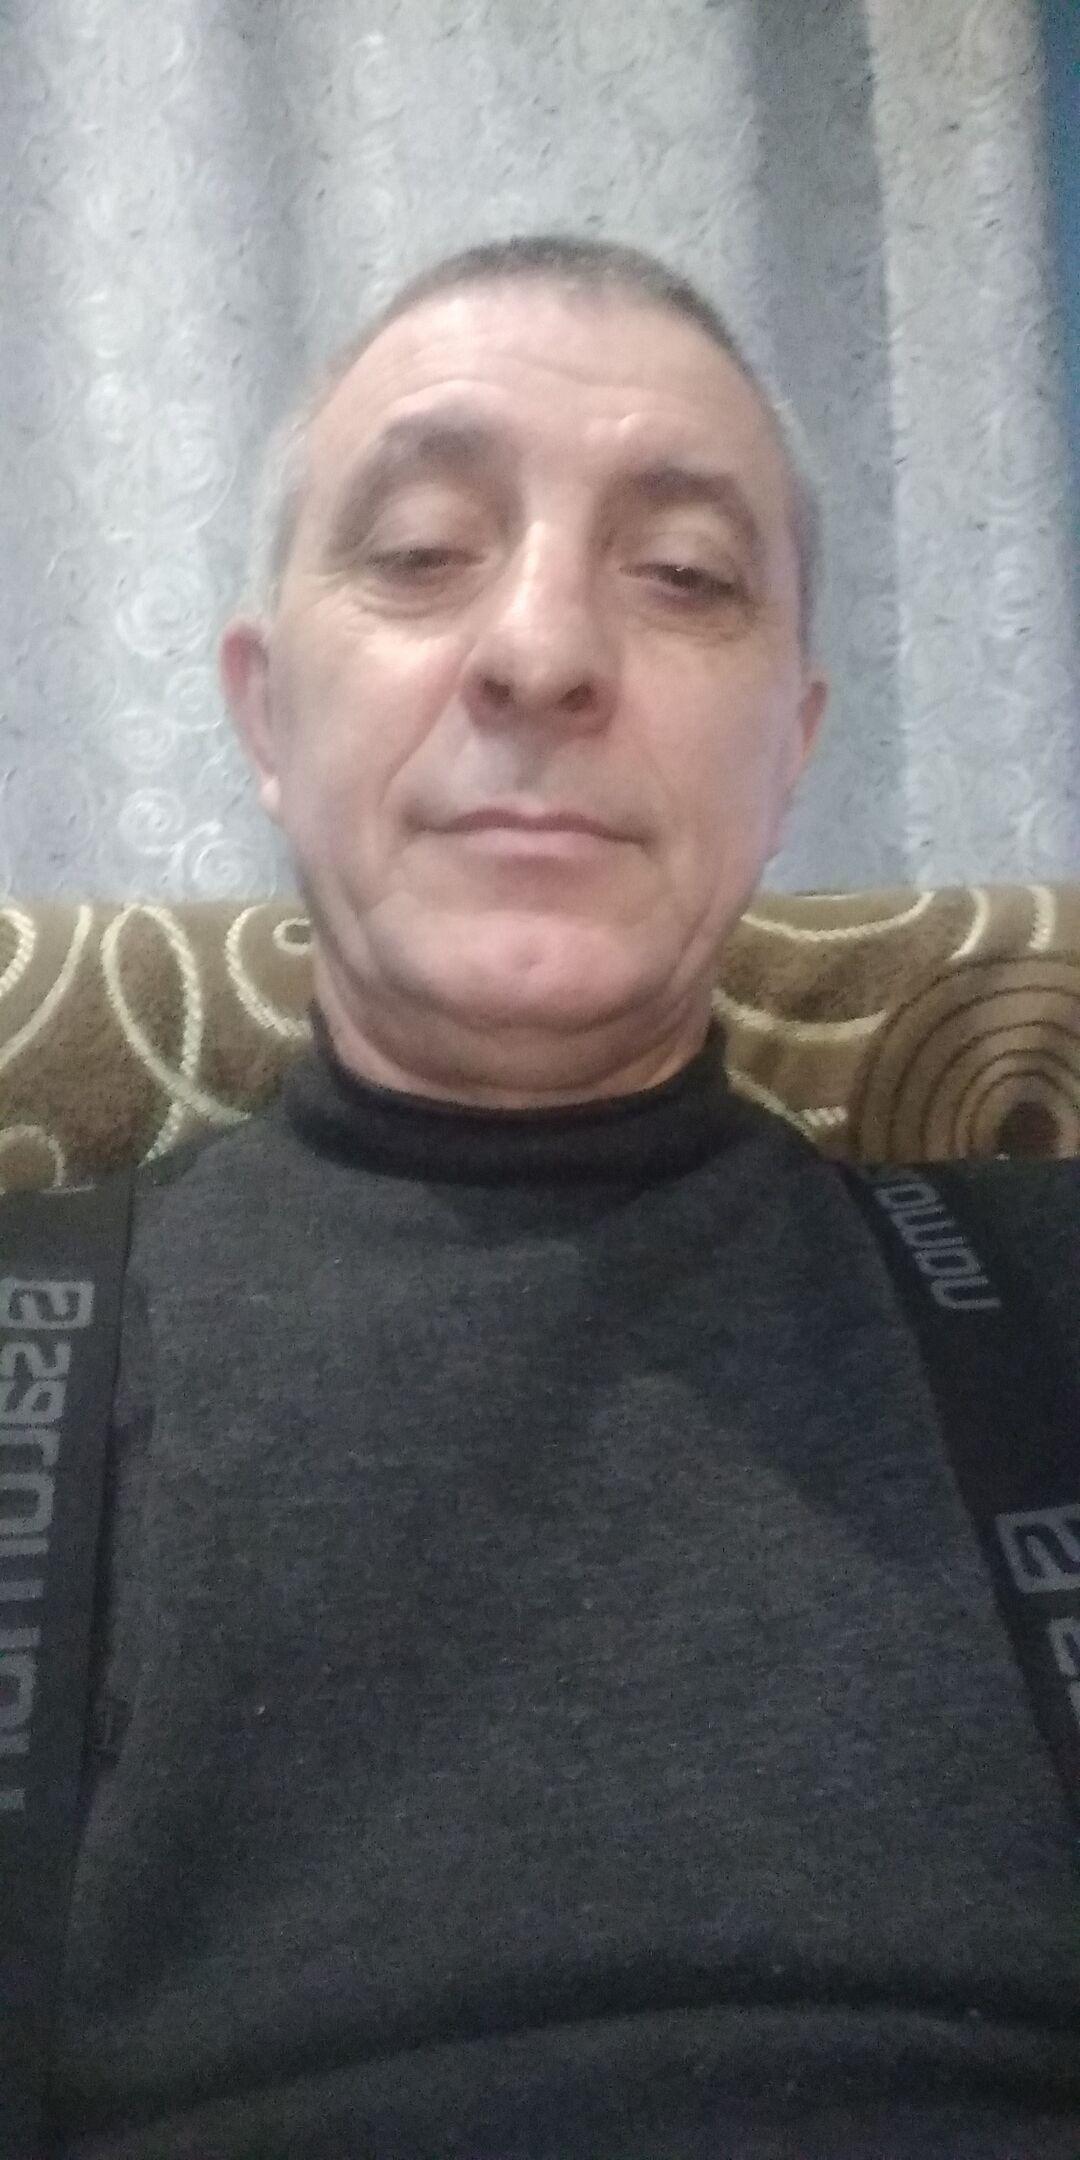 Знакомства Пермь, фото мужчины Анатолий, 54 года, познакомится для флирта, любви и романтики, cерьезных отношений